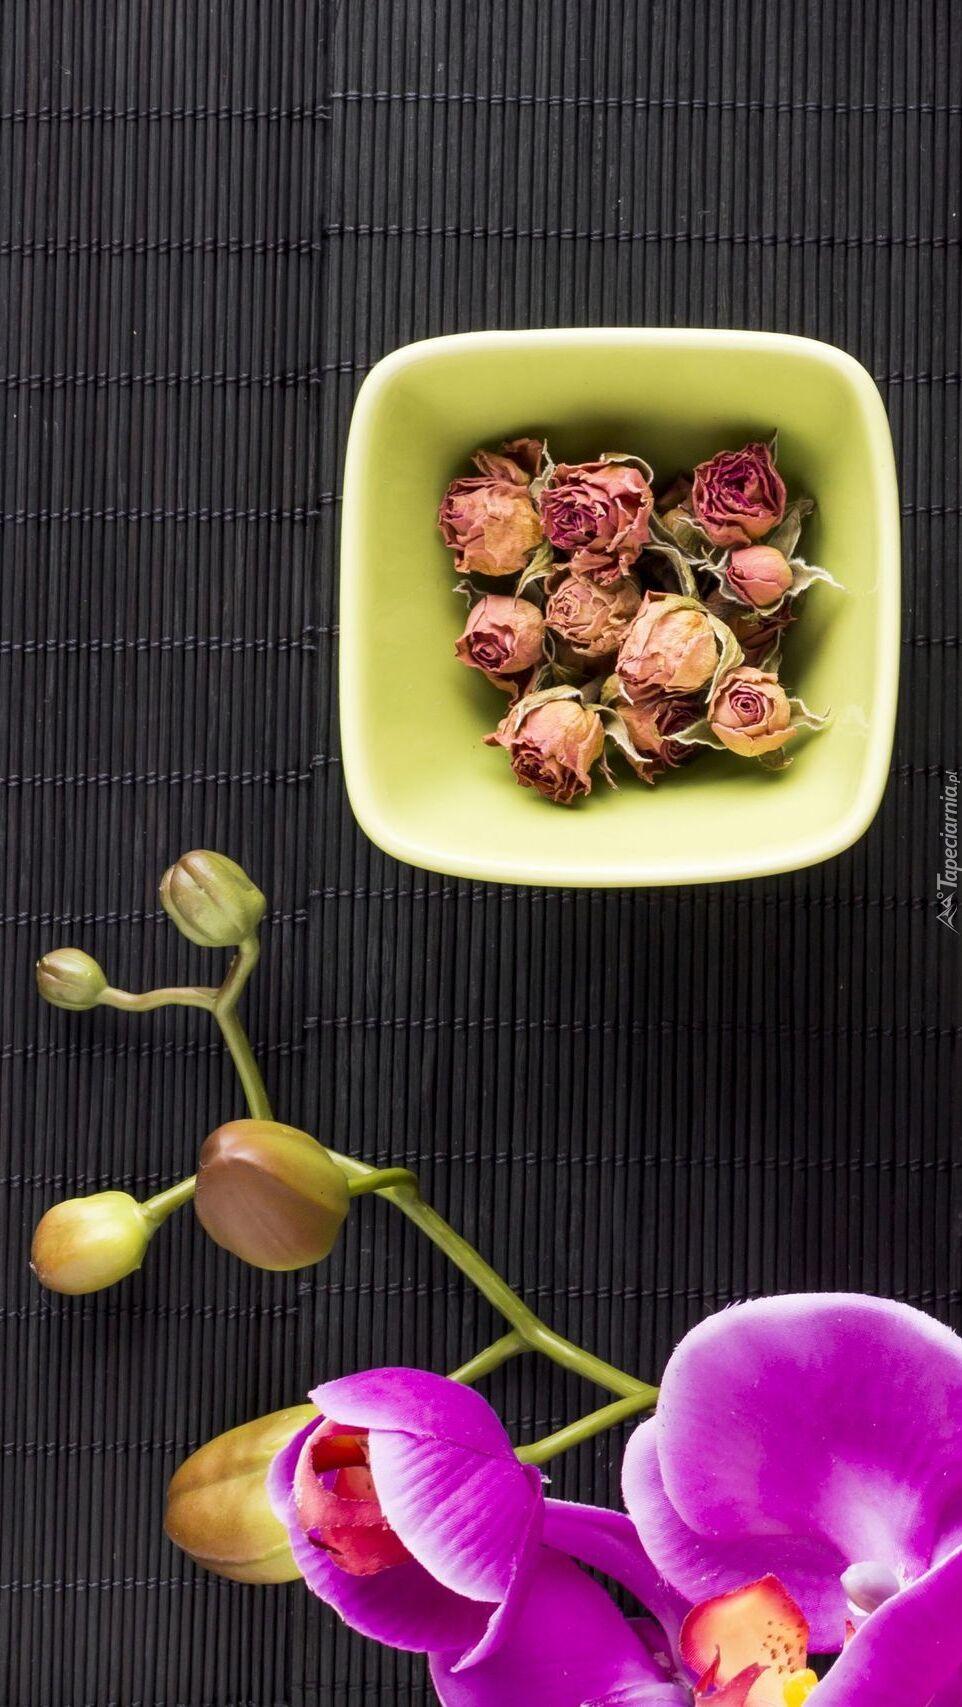 Uschnięte różyczki w miseczce obok storczyków